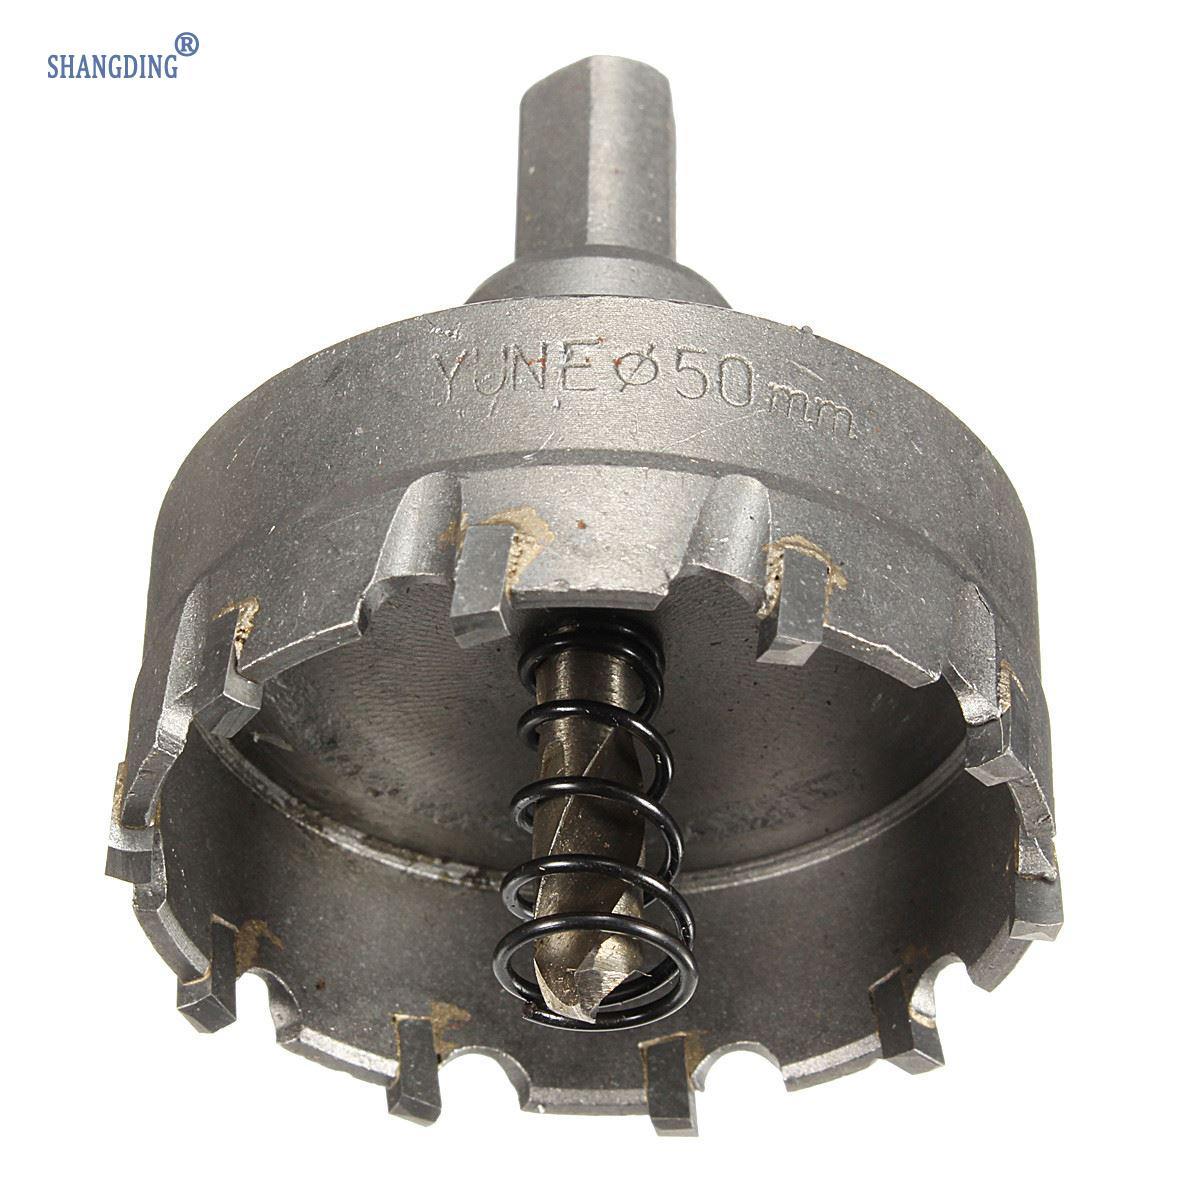 1 Set 48mm Carbide Tip TCT Boor Metalen Gatenzaag met Spanner - Boor - Foto 3